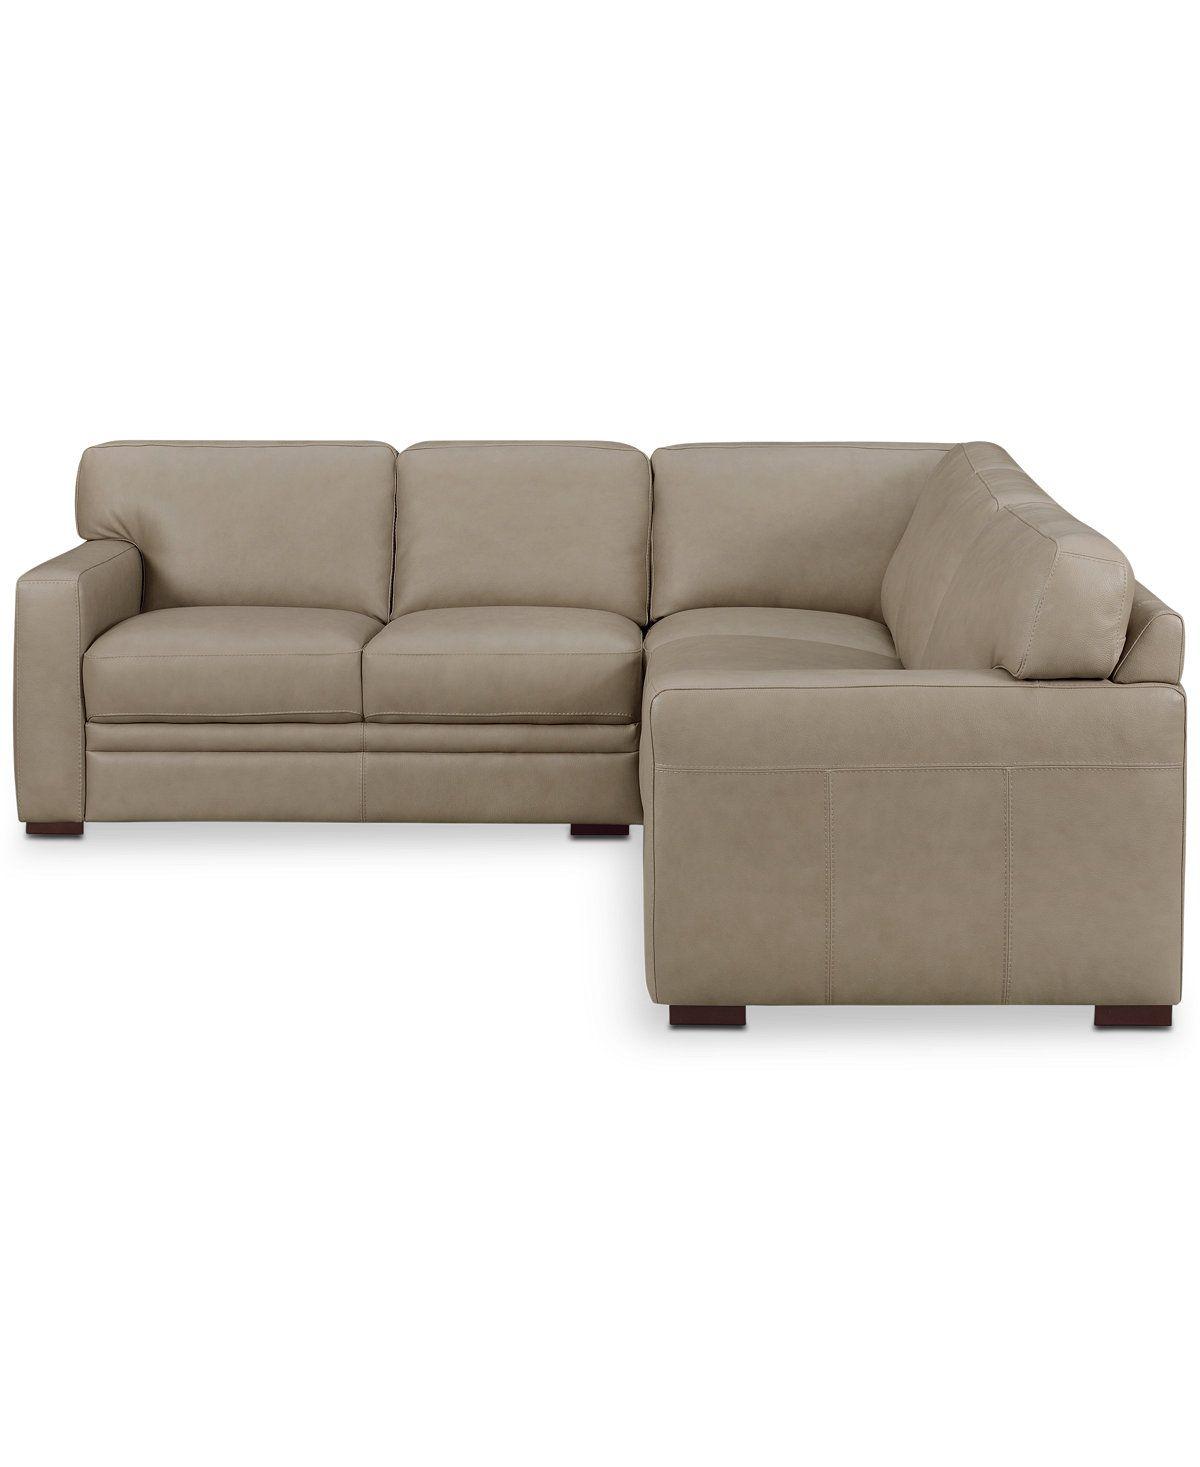 l sectional sofas elegant sectional sofa design best er l shaped sofas for thesofa. Black Bedroom Furniture Sets. Home Design Ideas